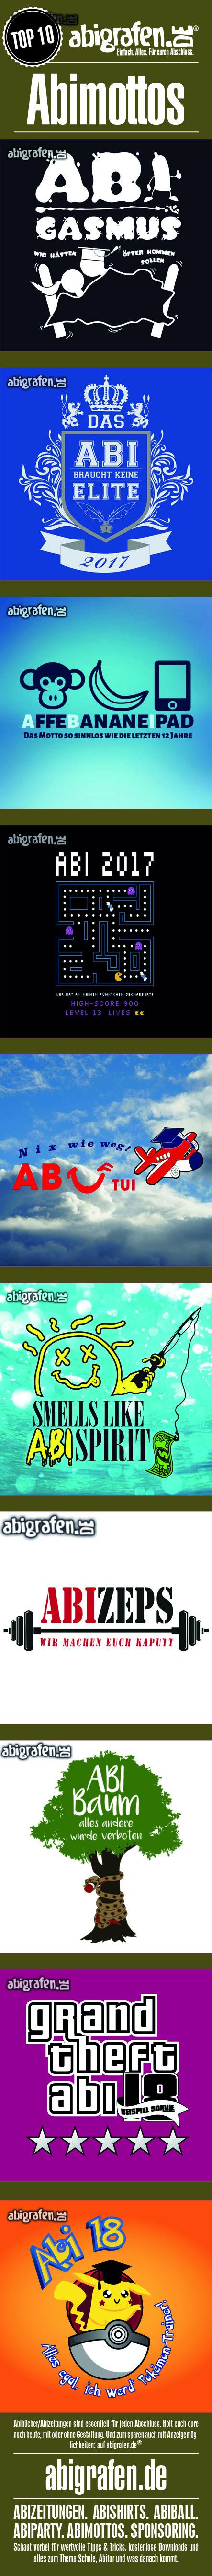 Top 10 der Abimottos dieser Woche